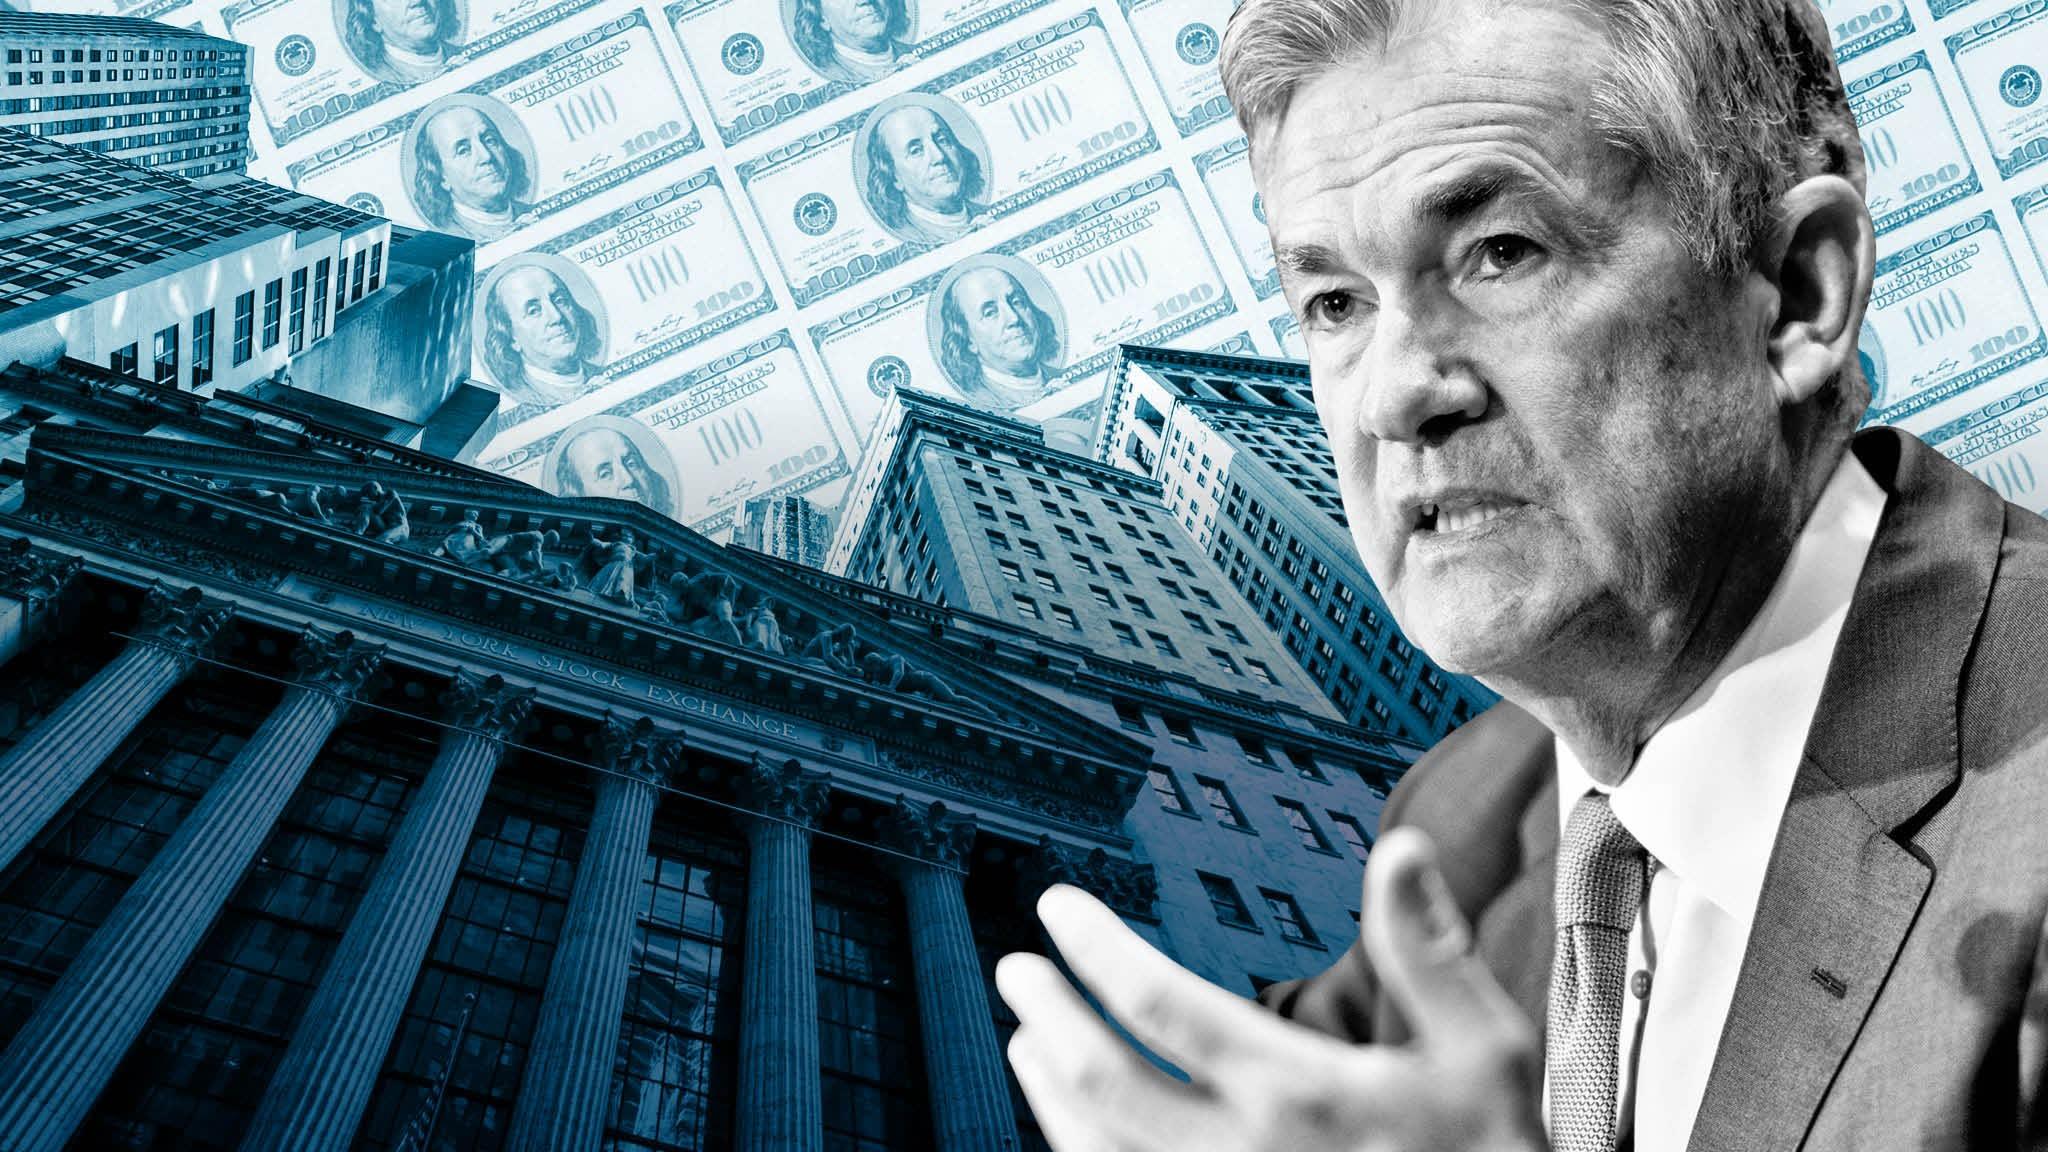 Chuyên gia cảnh báo: Lạm phát có thể lặp lại quỹ đạo cuối những năm 1960 nếu Fed không thể ghìm cương giá cả